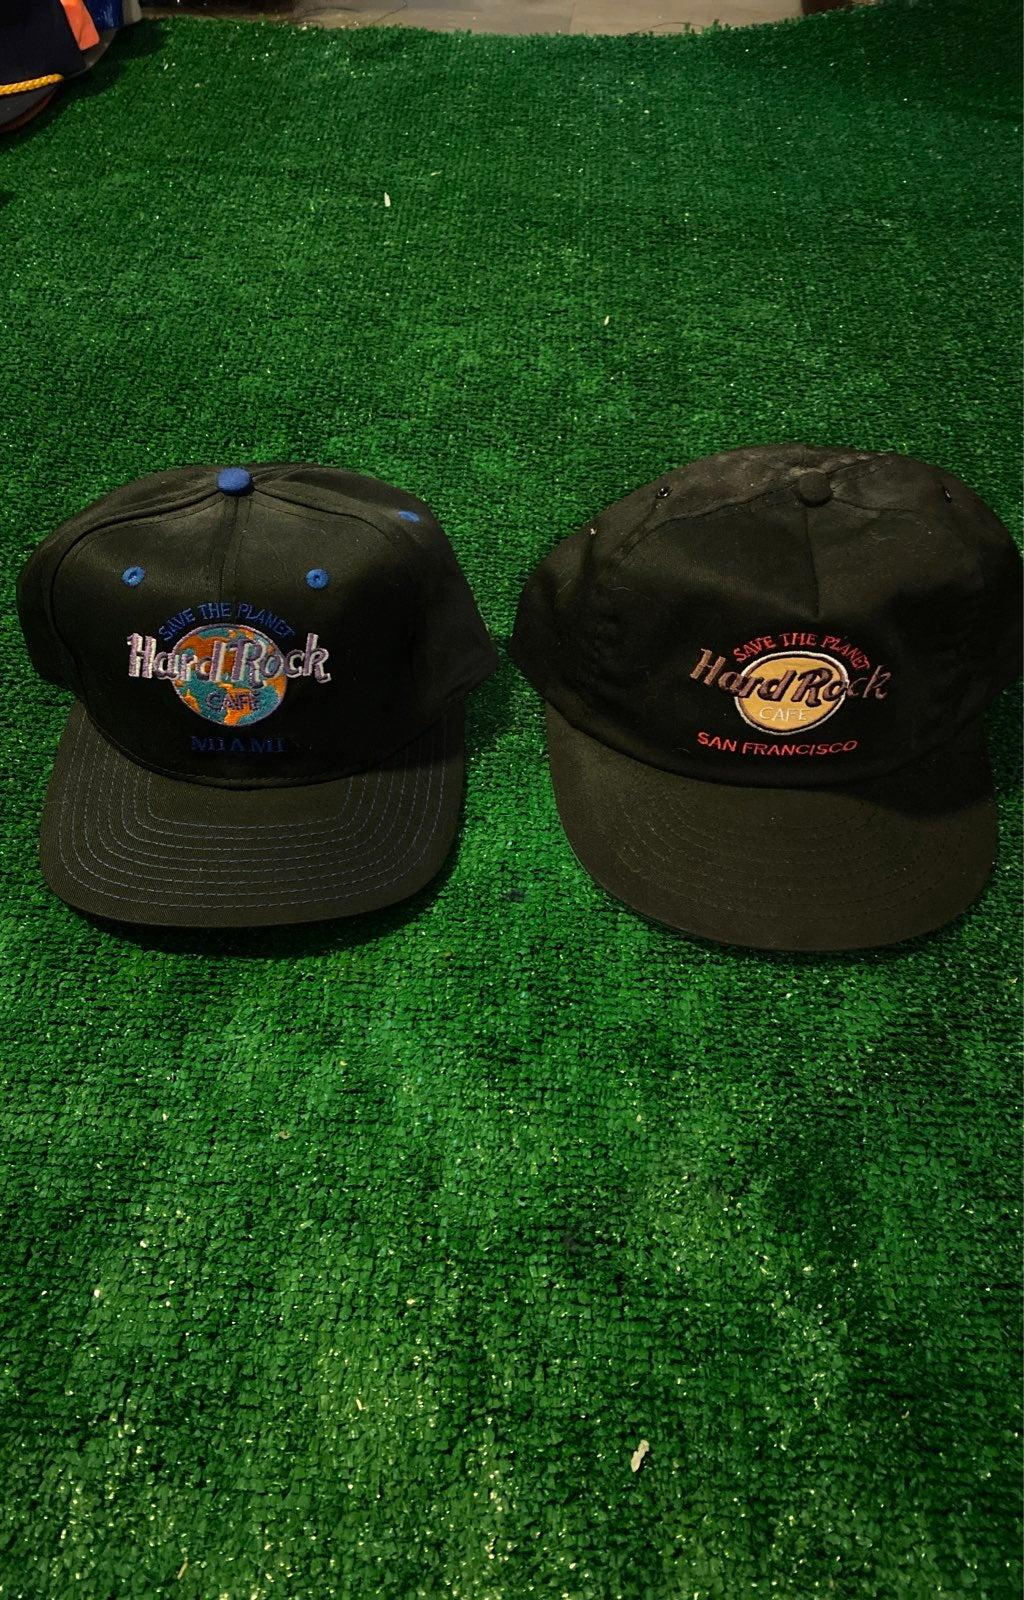 Hard rock cafe vintage hat lot san fran